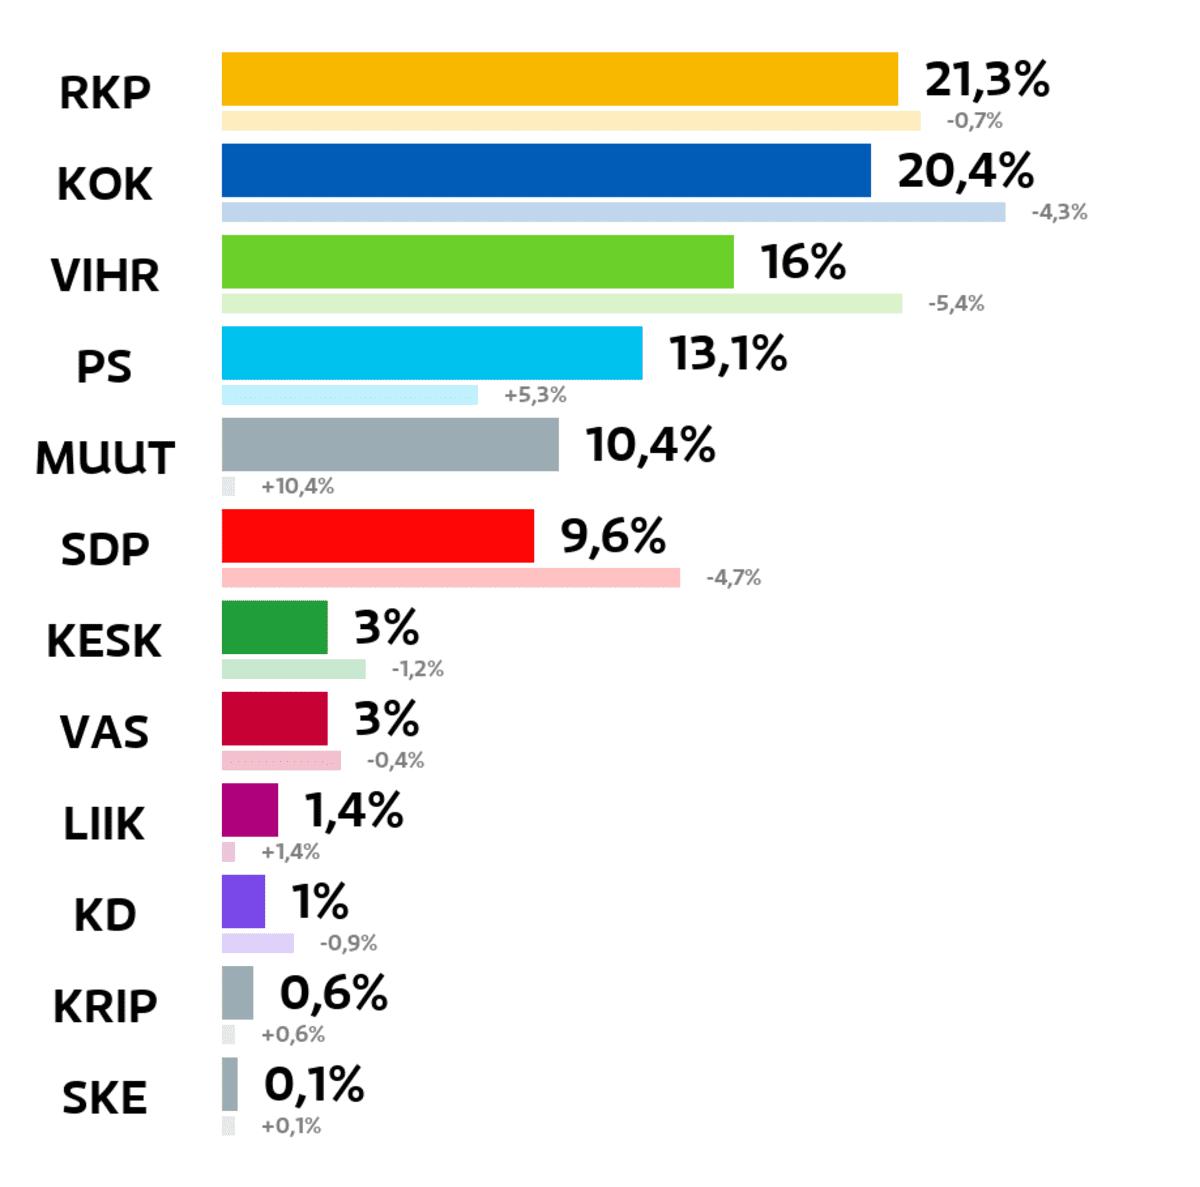 Kirkkonummi: Kuntavaalien tulos (%) RKP: 21,3 prosenttia Kokoomus: 20,4 prosenttia Vihreät: 16 prosenttia Perussuomalaiset: 13,1 prosenttia Muut ryhmät: 10,4 prosenttia SDP: 9,6 prosenttia Keskusta: 3 prosenttia Vasemmistoliitto: 3 prosenttia Liike Nyt: 1,4 prosenttia Kristillisdemokraatit: 1 prosenttia Kristallipuolue: 0,6 prosenttia Suomen Kansa Ensin: 0,1 prosenttia